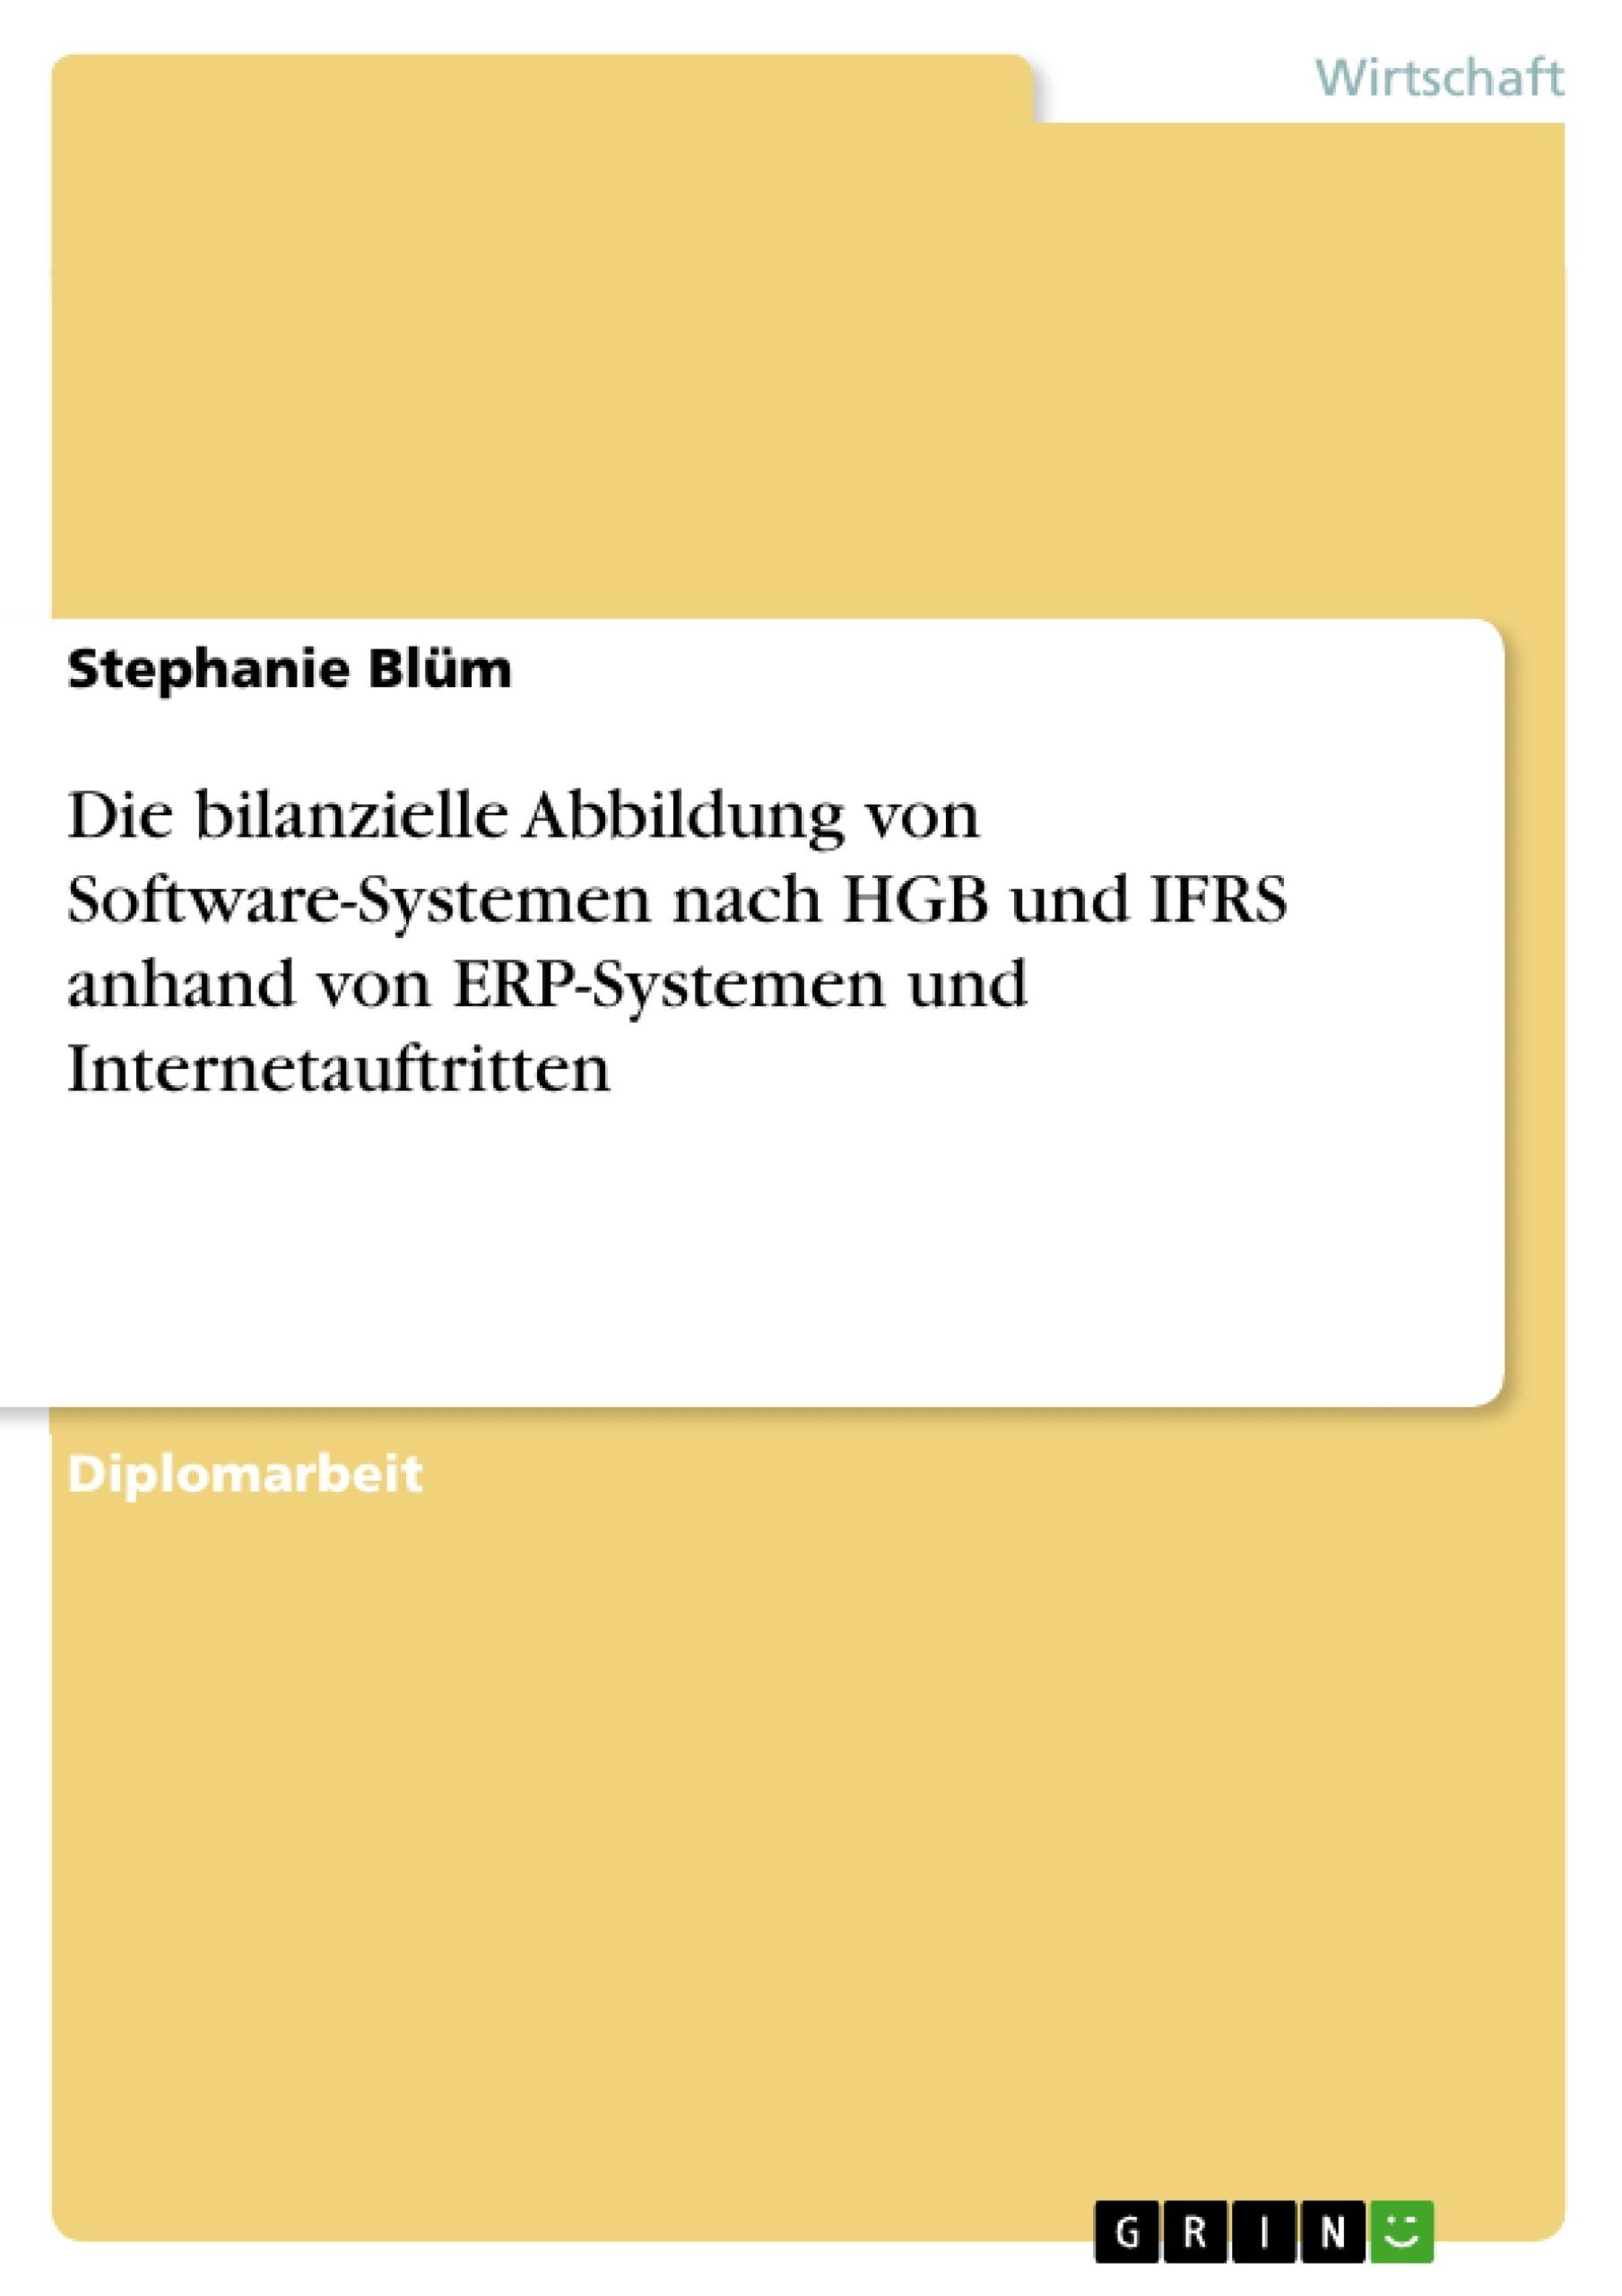 Titel: Die bilanzielle Abbildung von Software-Systemen nach HGB und IFRS anhand von ERP-Systemen und Internetauftritten